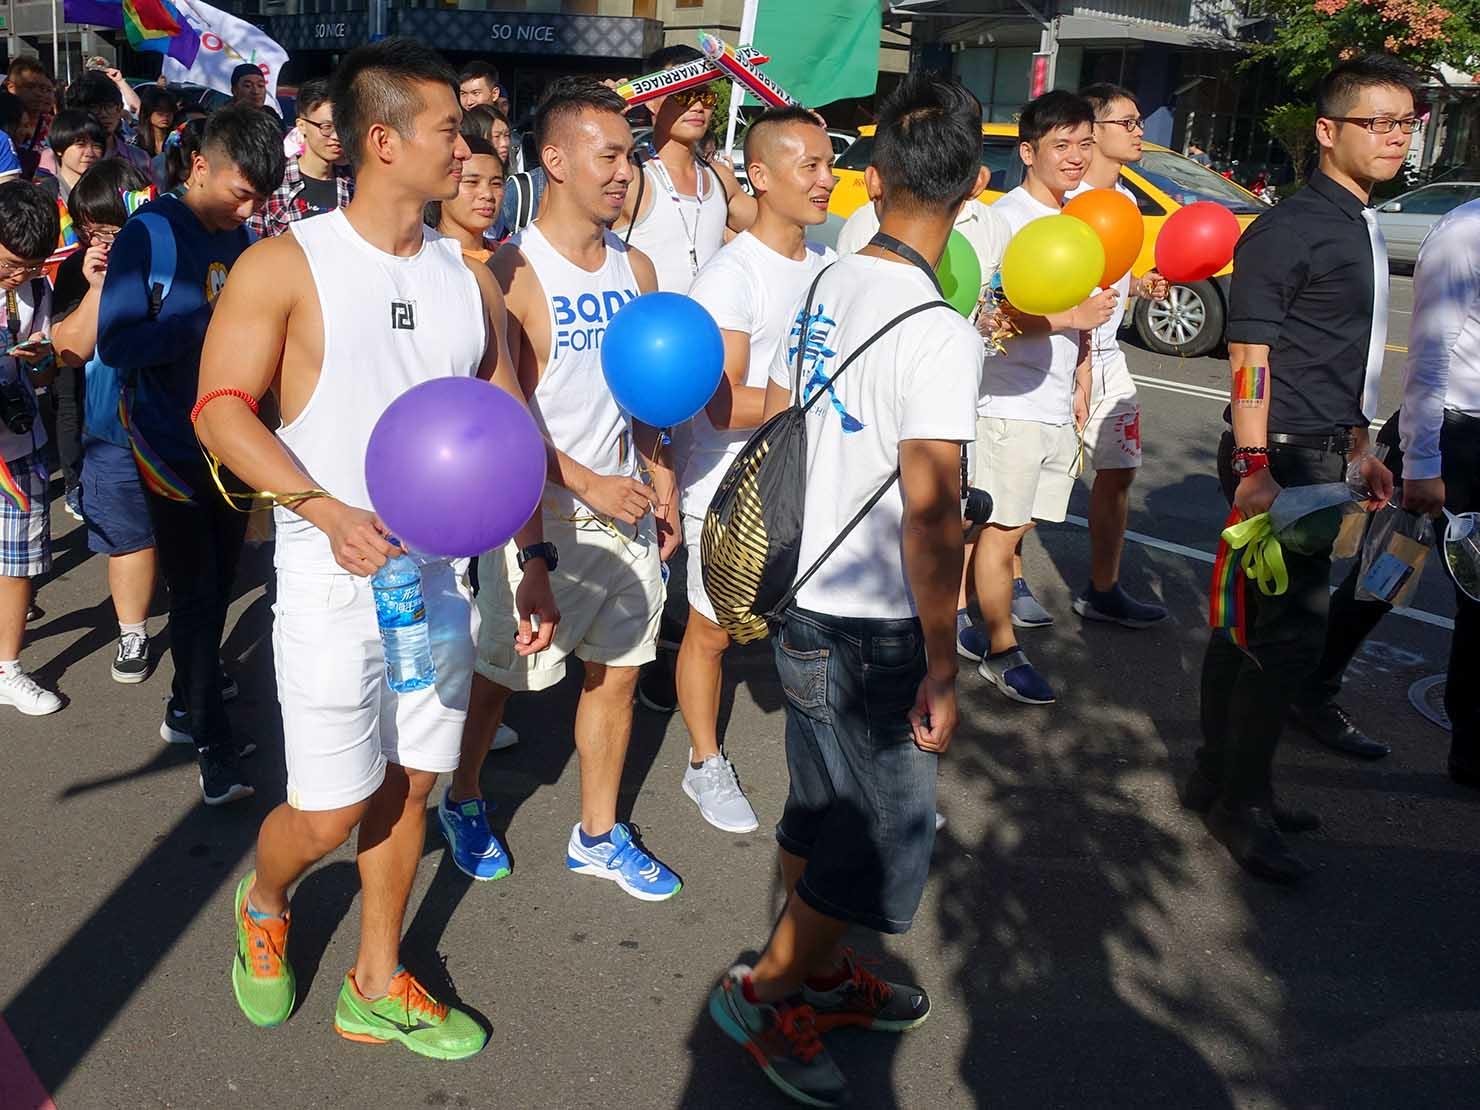 台中同志遊行(台中LGBTプライド)2017で風船を持って歩くイケメンたち